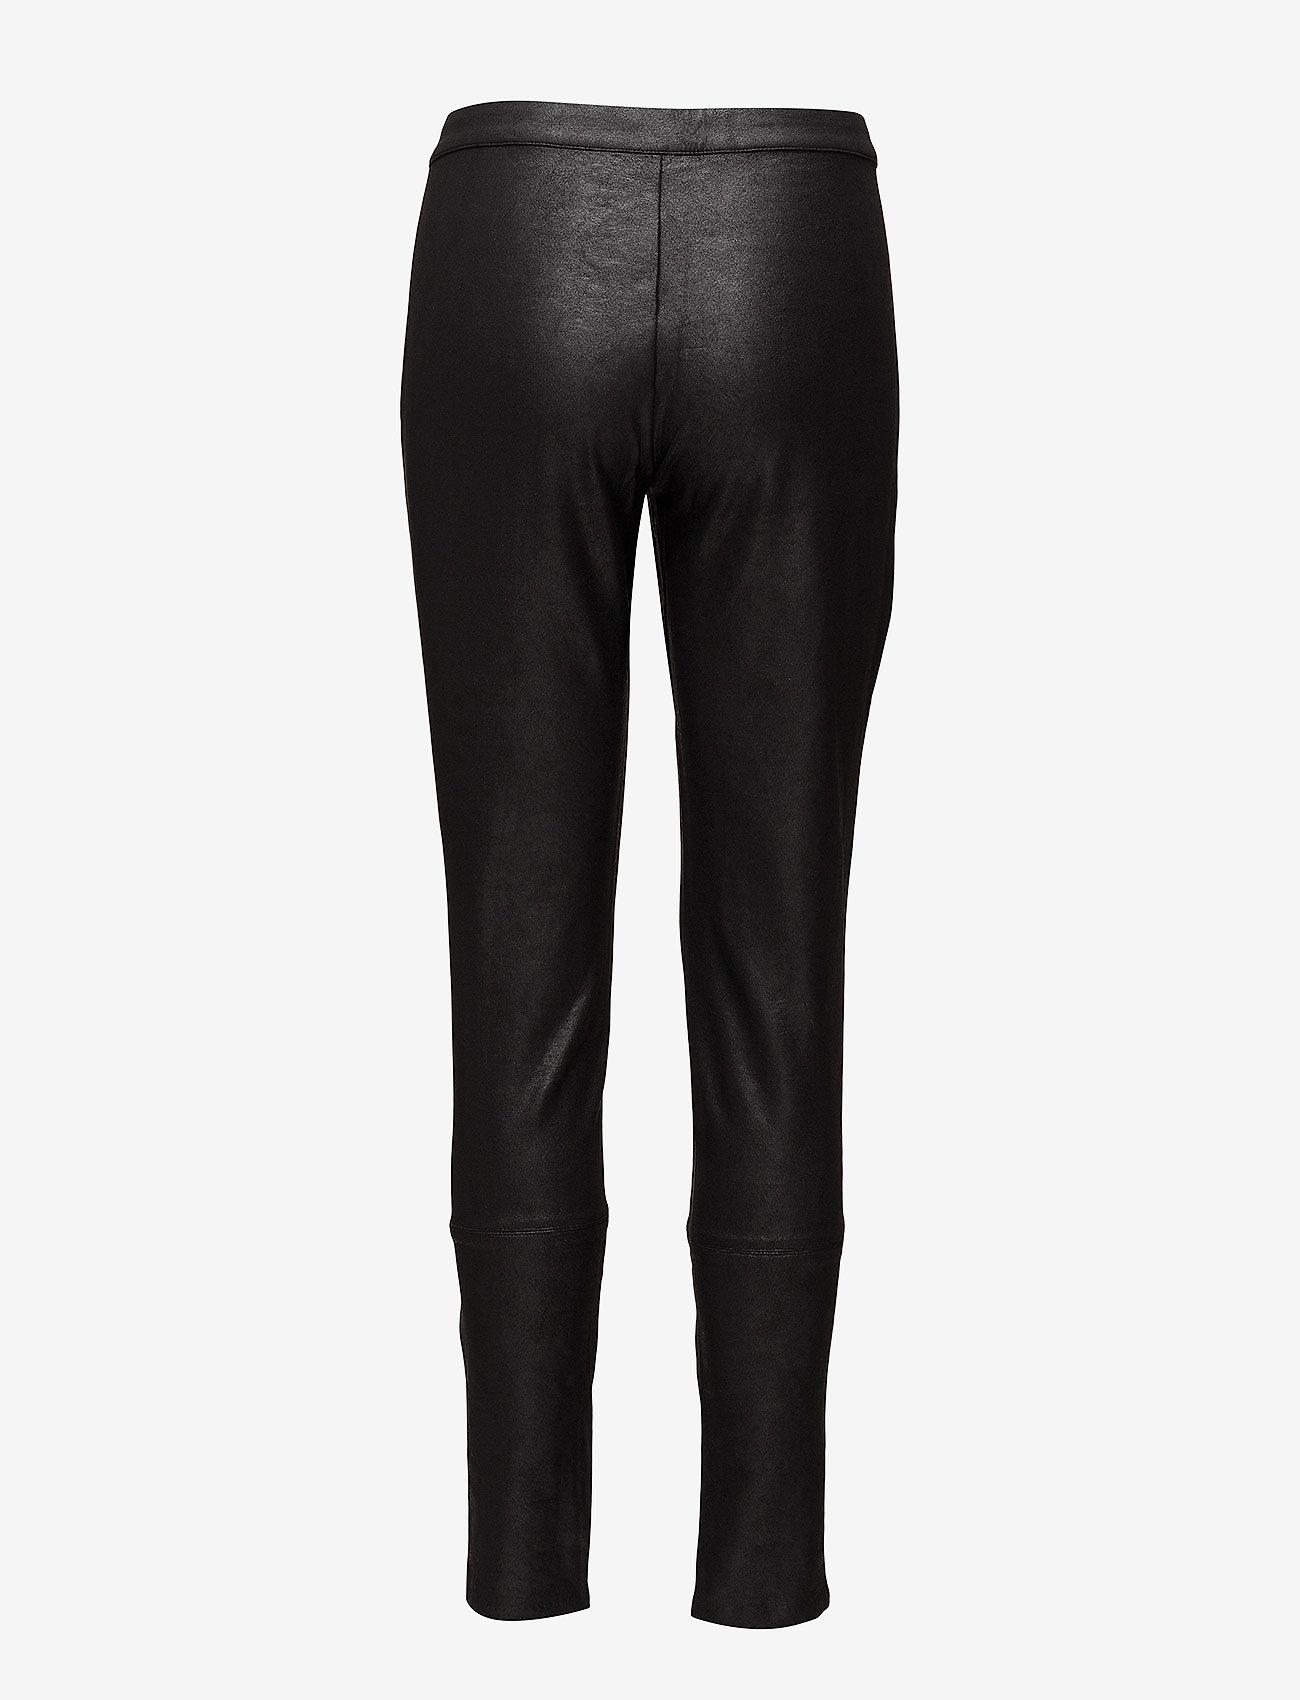 Coster Copenhagen - Coated leggings - pantalons slim - black